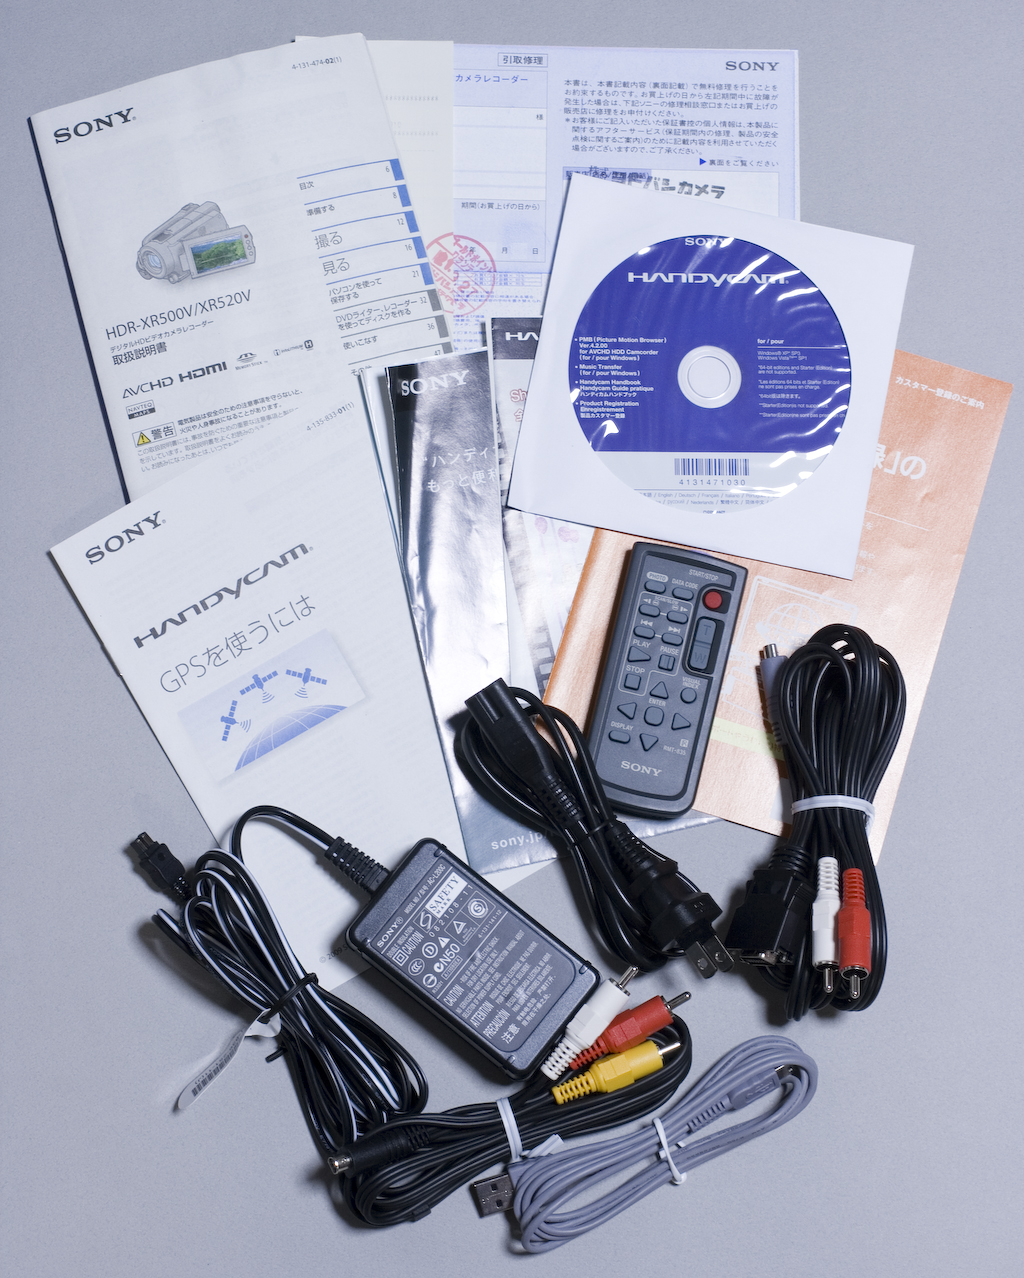 SONY:ソニーのデジタルHDビデオカメラレコーダー「HDR-XR520V」-14